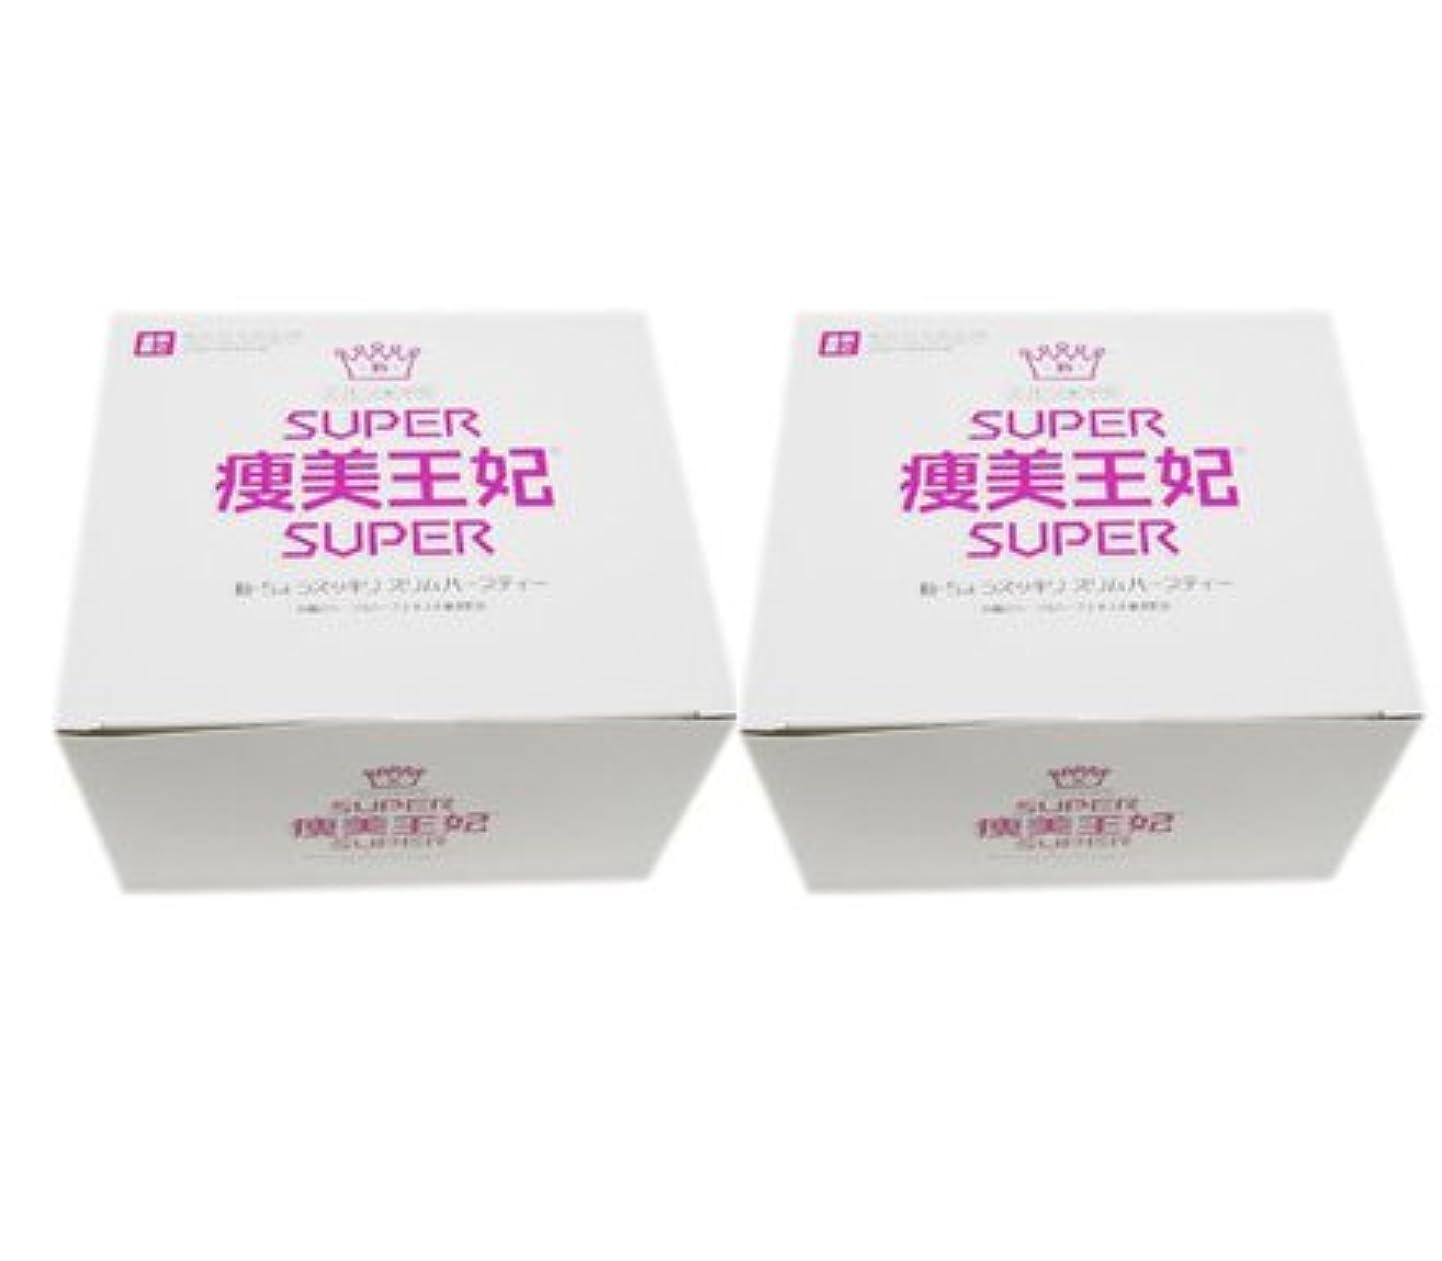 コレクション著者ヒップSUPER痩美王妃 30包 2個セット